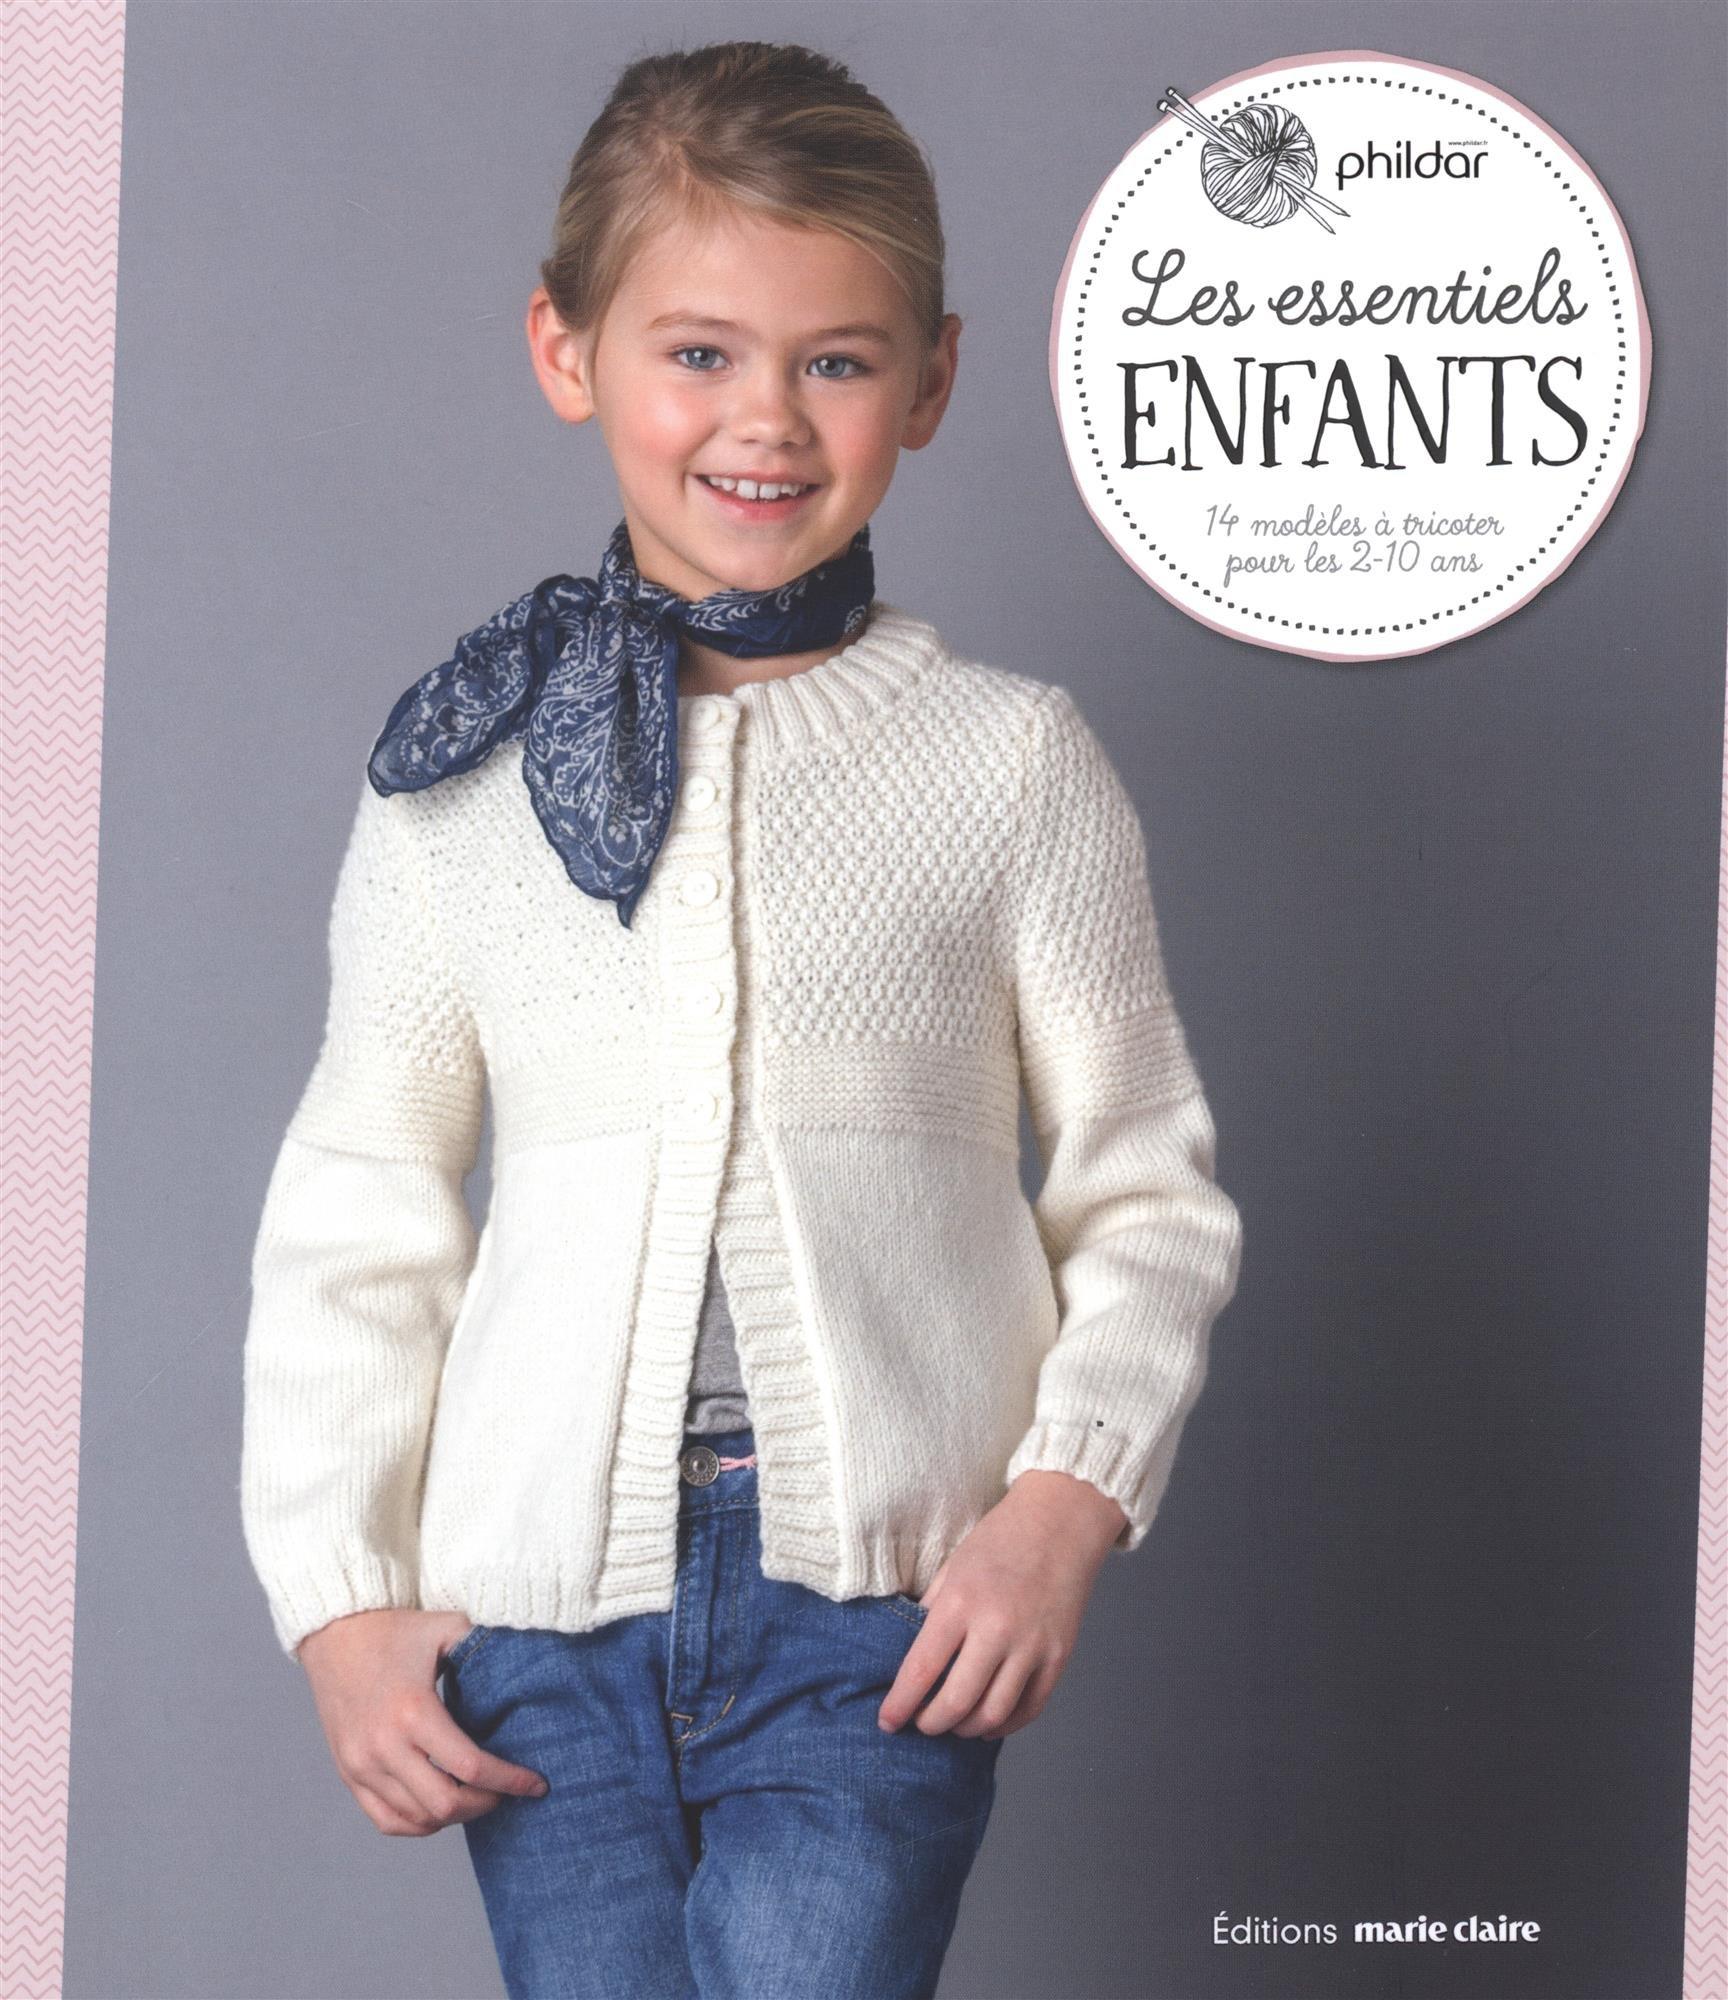 Amazon.fr - Les essentiels enfants   14 modèles à tricoter pour les 2-10  ans - Phildar, Kathrin Lezinsky, Pierre Nicou - Livres b808fd2db6d